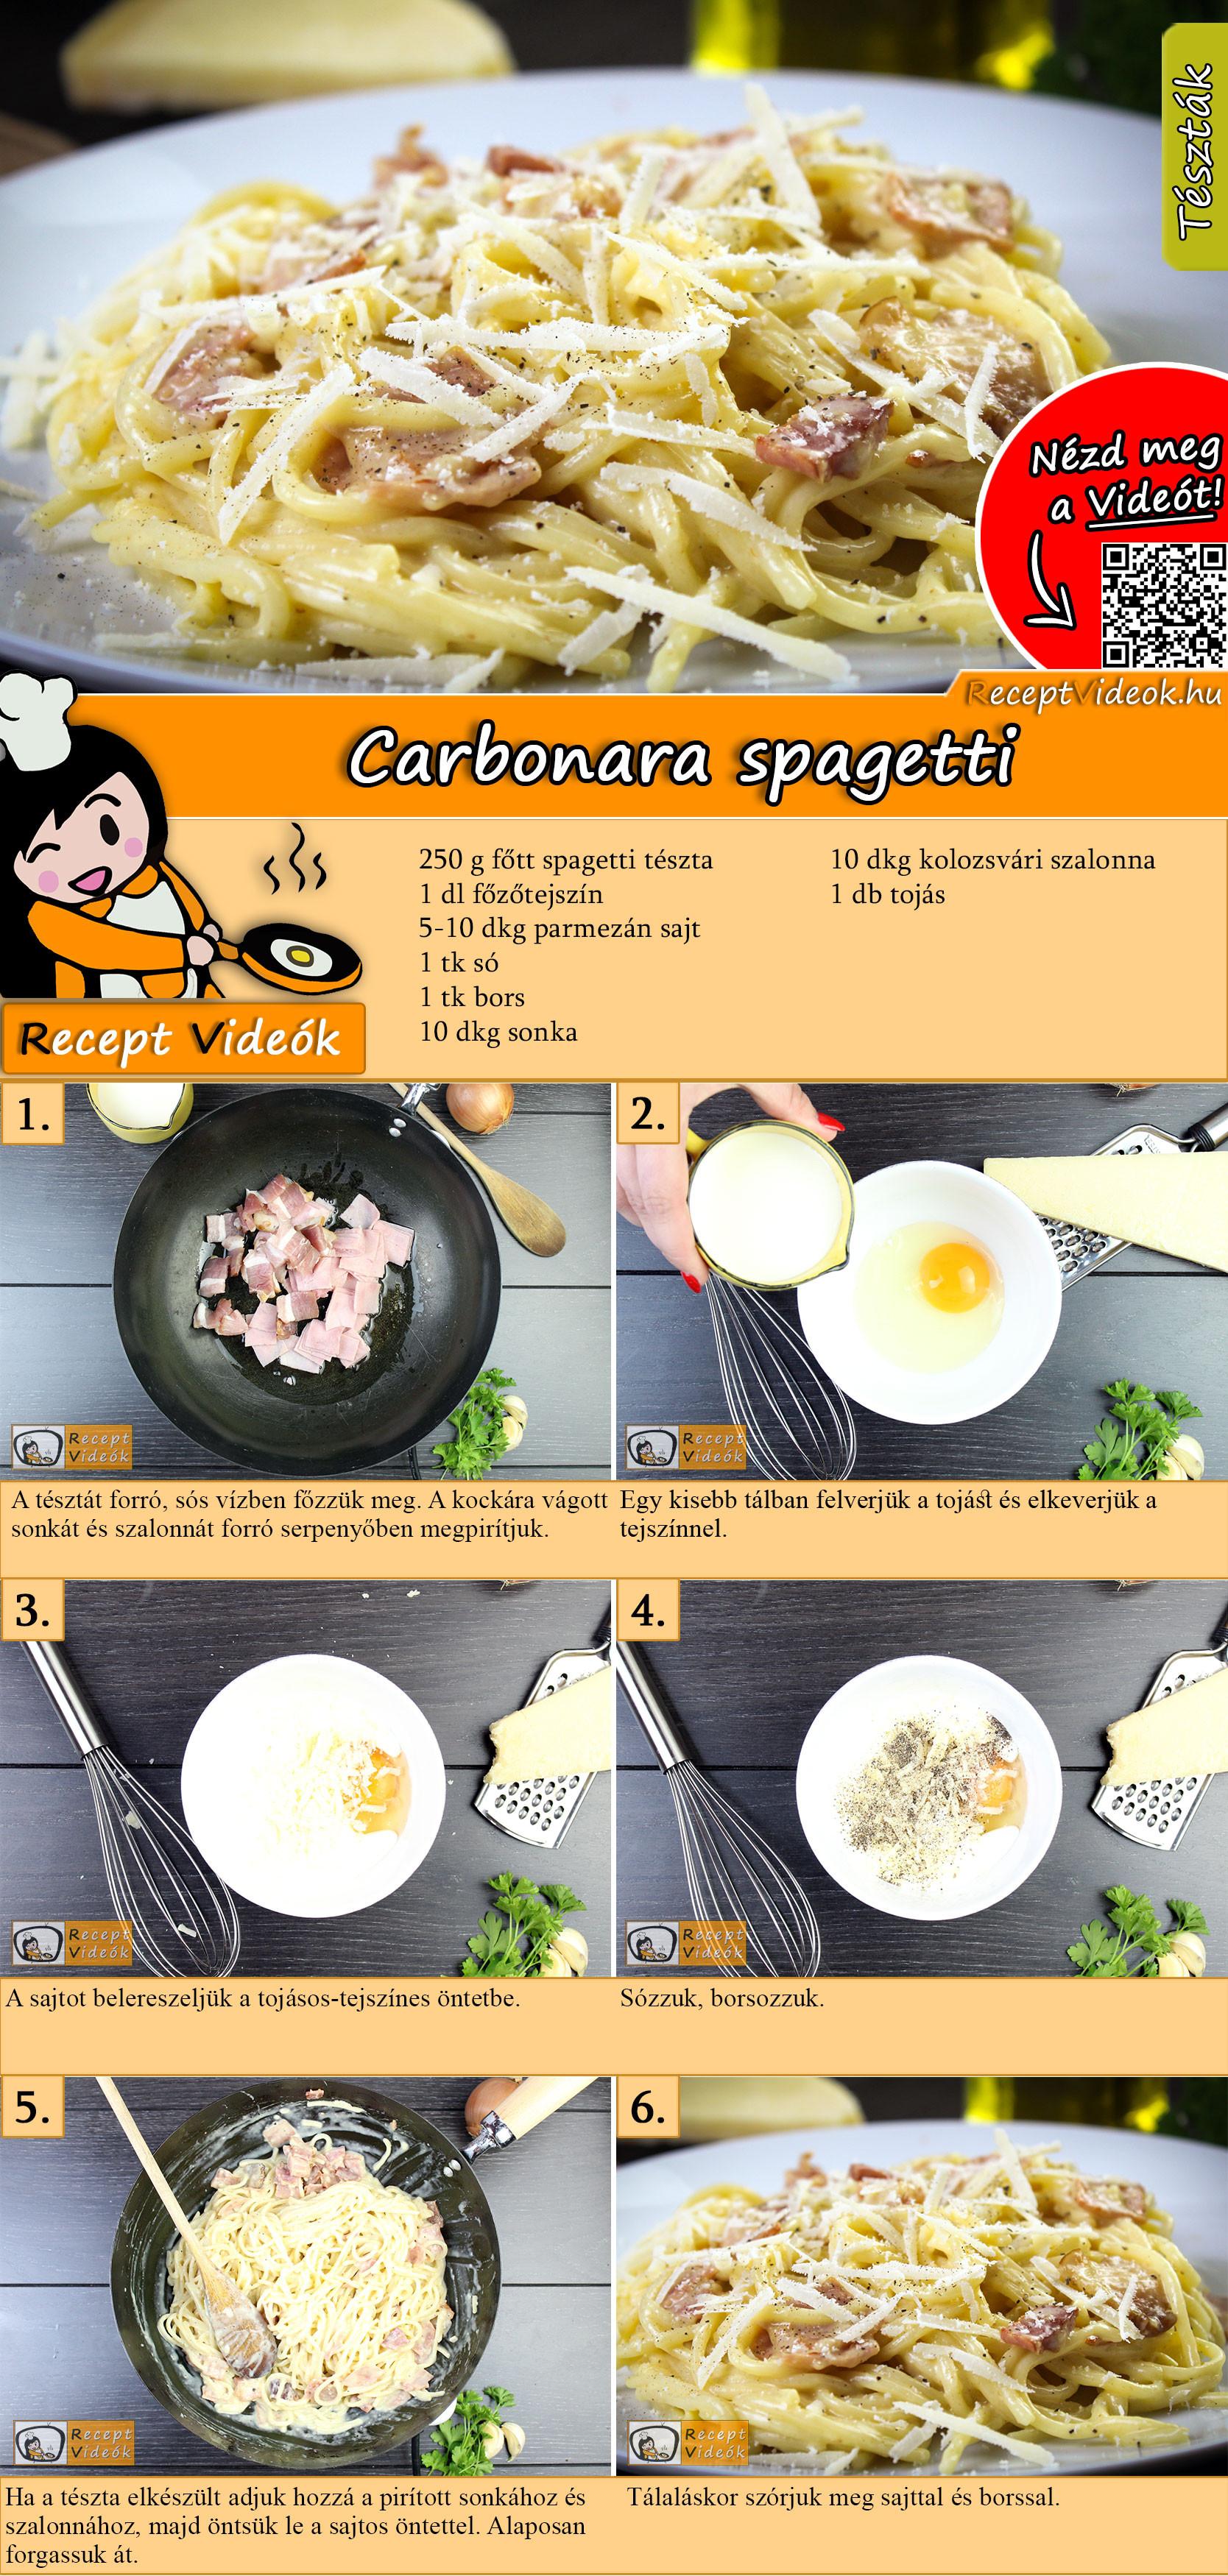 Carbonara spagetti recept elkészítése videóval